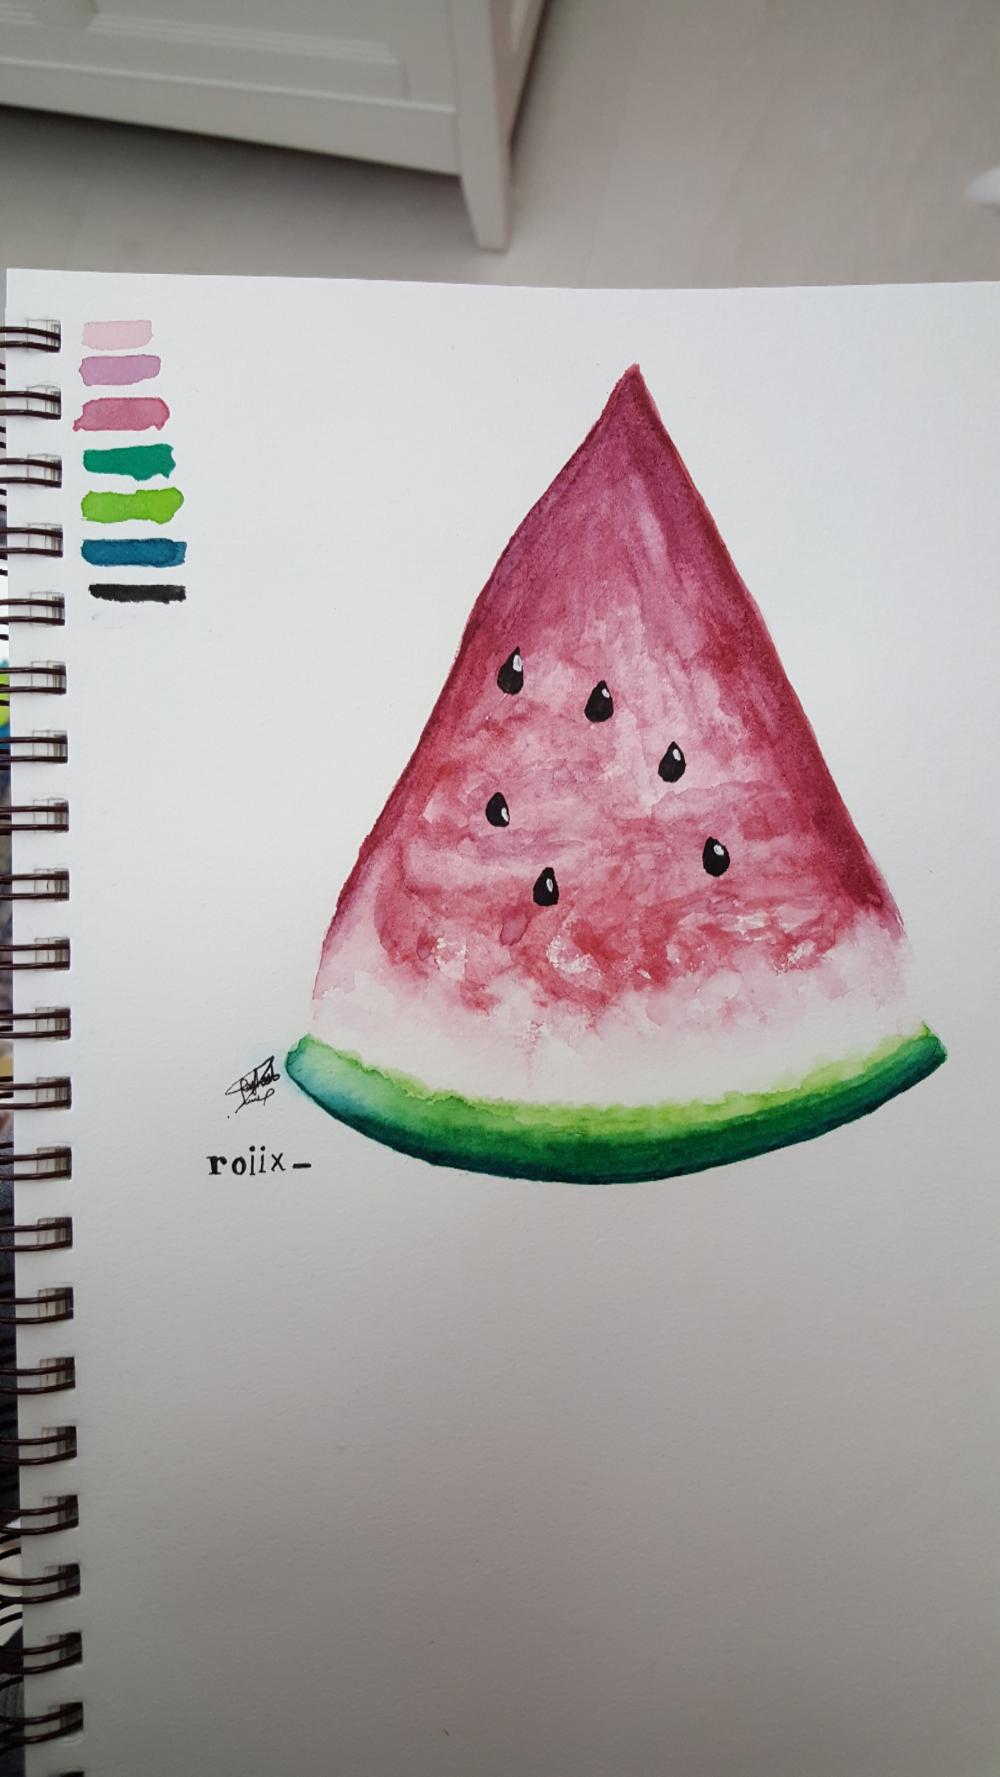 دورة أساسيات الرسم والتلوين بالألوان المائيه Watermelon Fruit